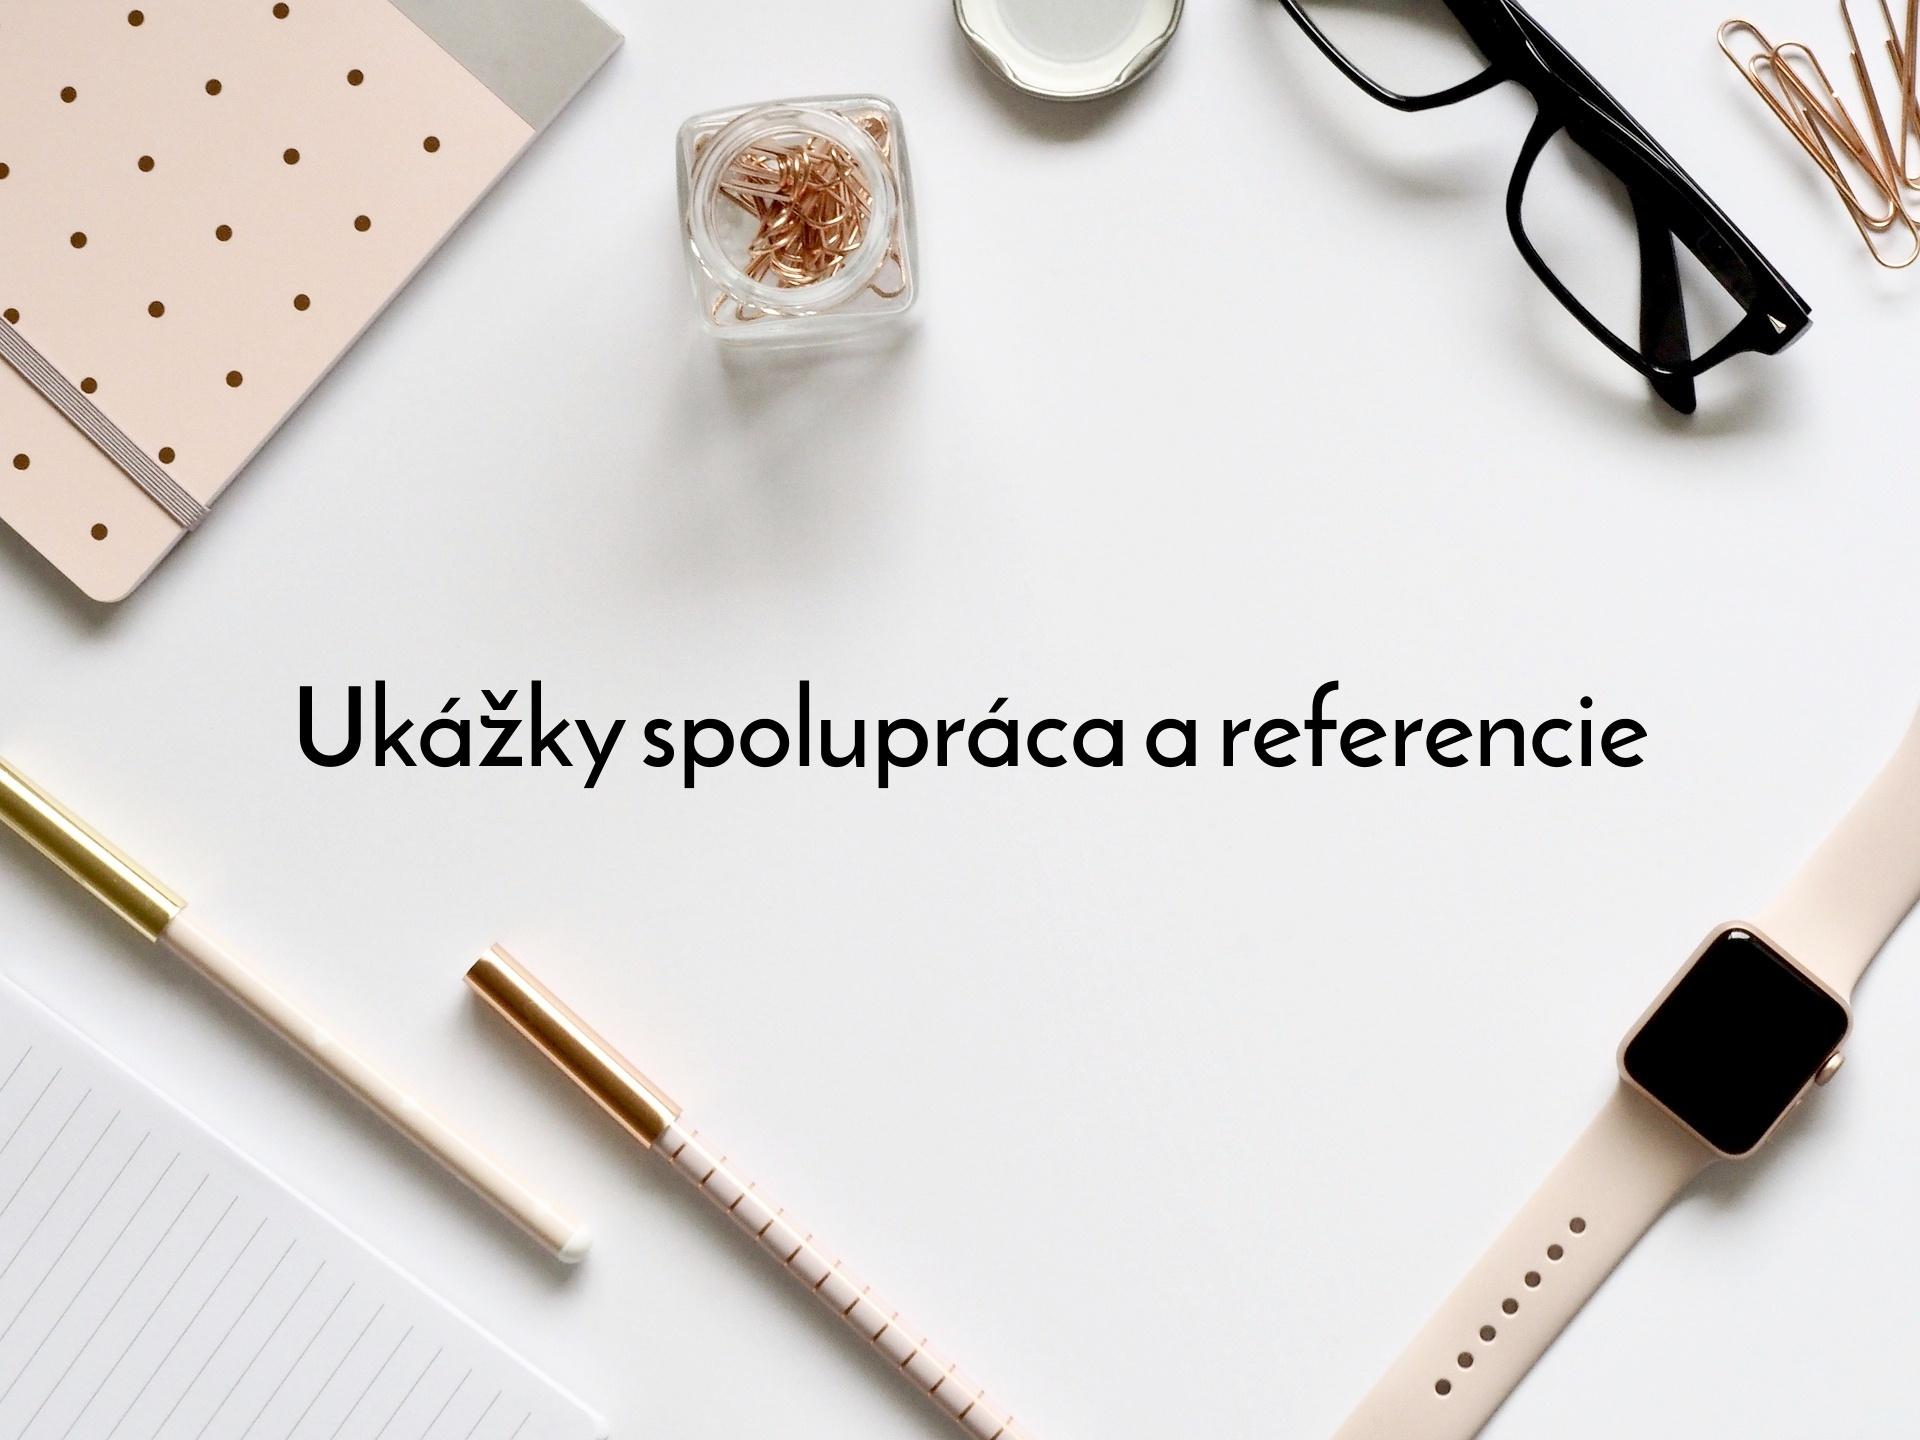 Ukážky spolupráca a referencie